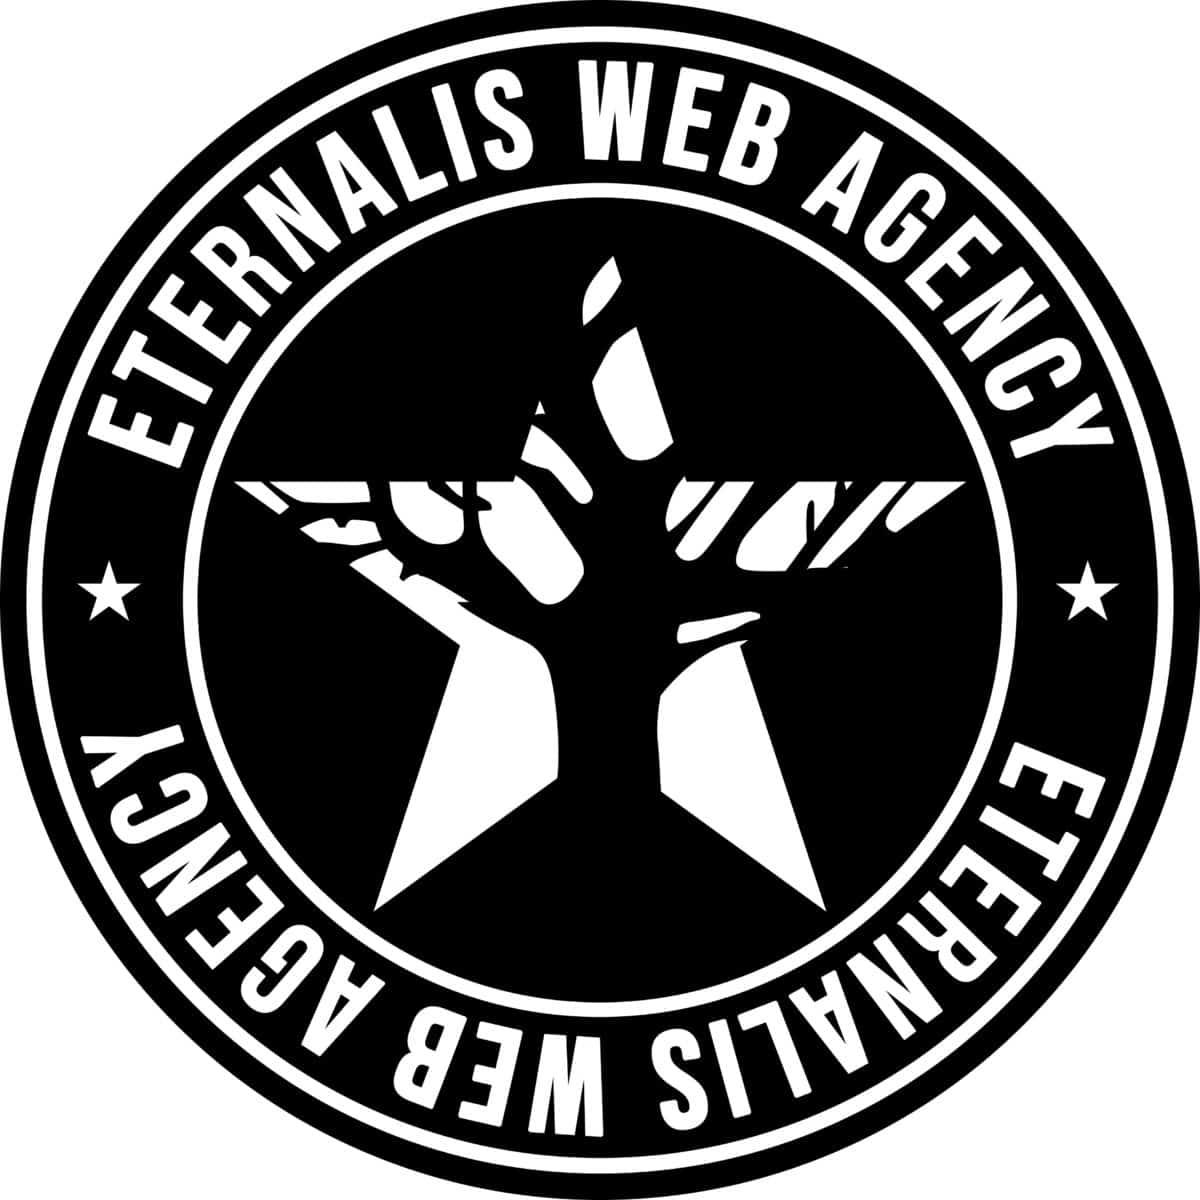 EternalisWebAgency